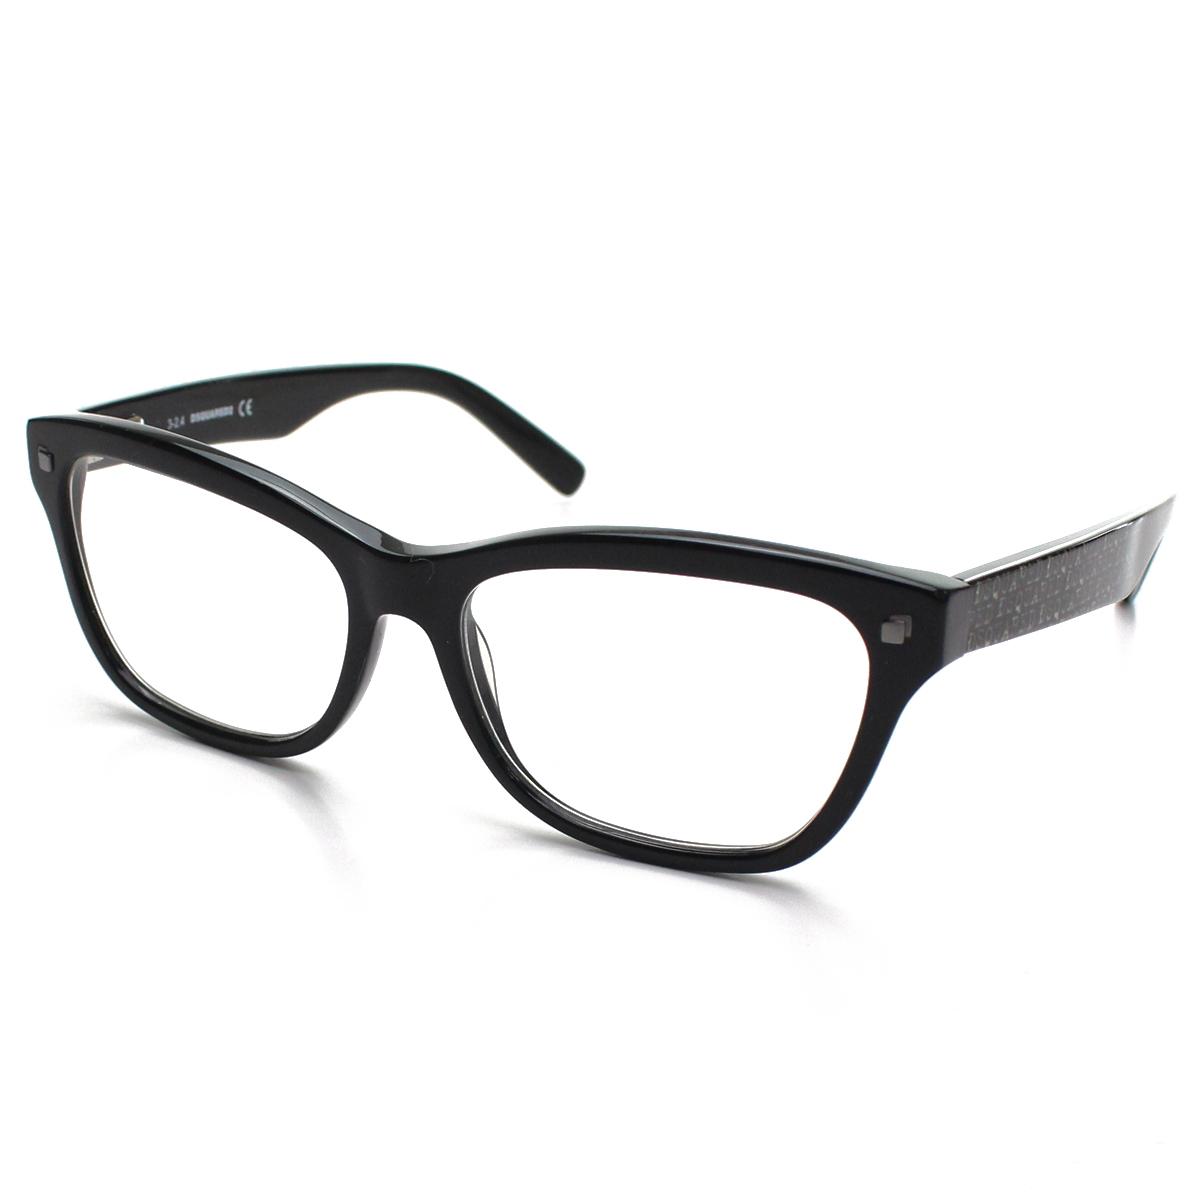 ディースクエアード DSQUARED2 ダテ眼鏡 メガネフレーム DQ5138 001 メンズ